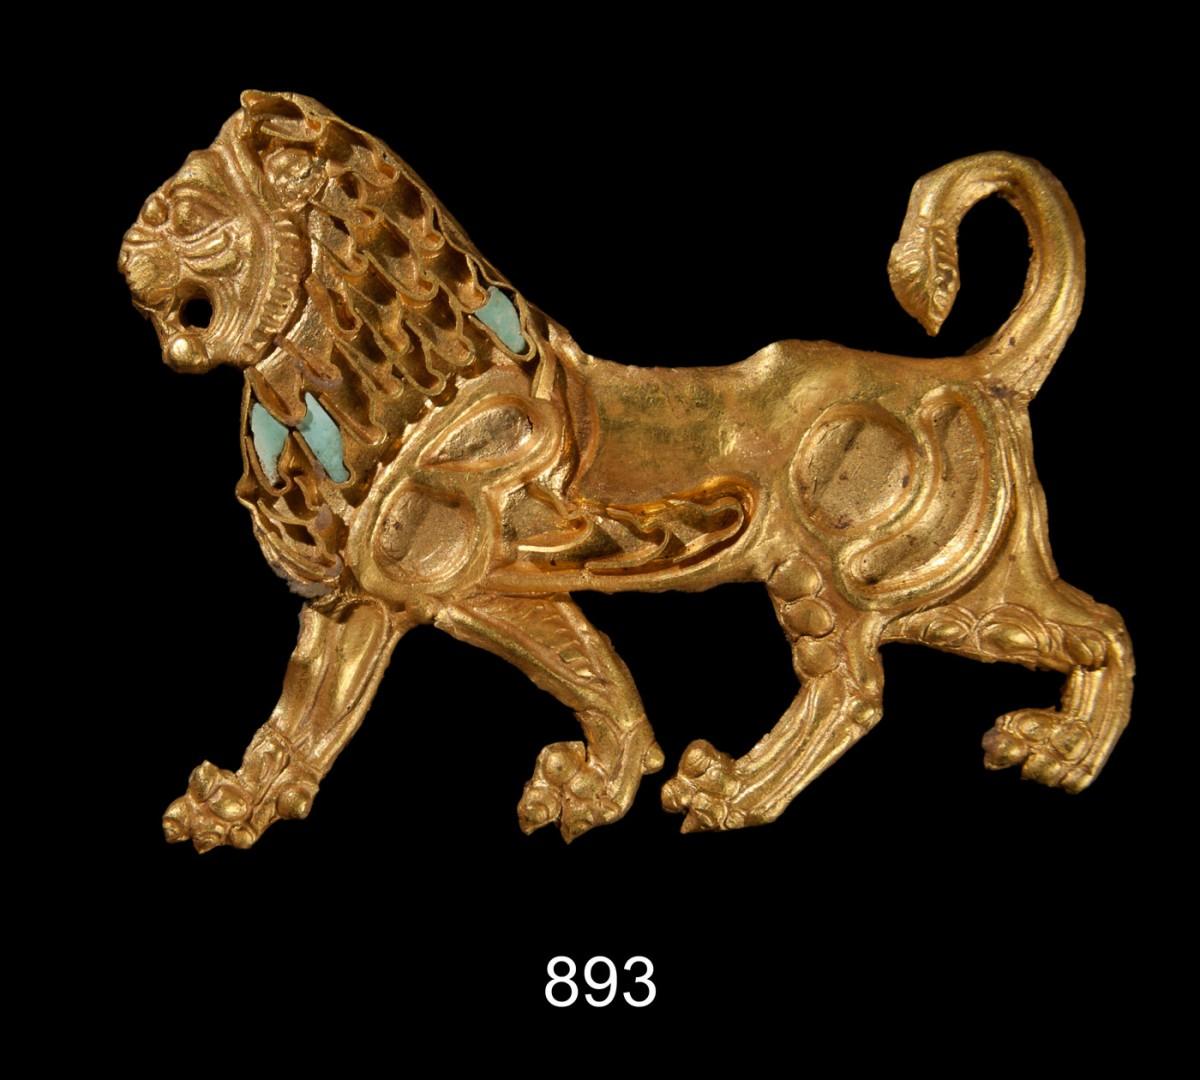 Χρυσό έλασμα σε μορφή λιονταριού, αρχικά ραμμένο σε ύφασμα. Πιθανώς ήλθε ως λάφυρο από την Περσία και αφιερώθηκε στους Μεγάλους Θεούς από κάποιον στρατιώτη του Μεγάλου Αλεξάνδρου μετά την επιστροφή του από την εκστρατεία. 4ος αι. π.Χ.